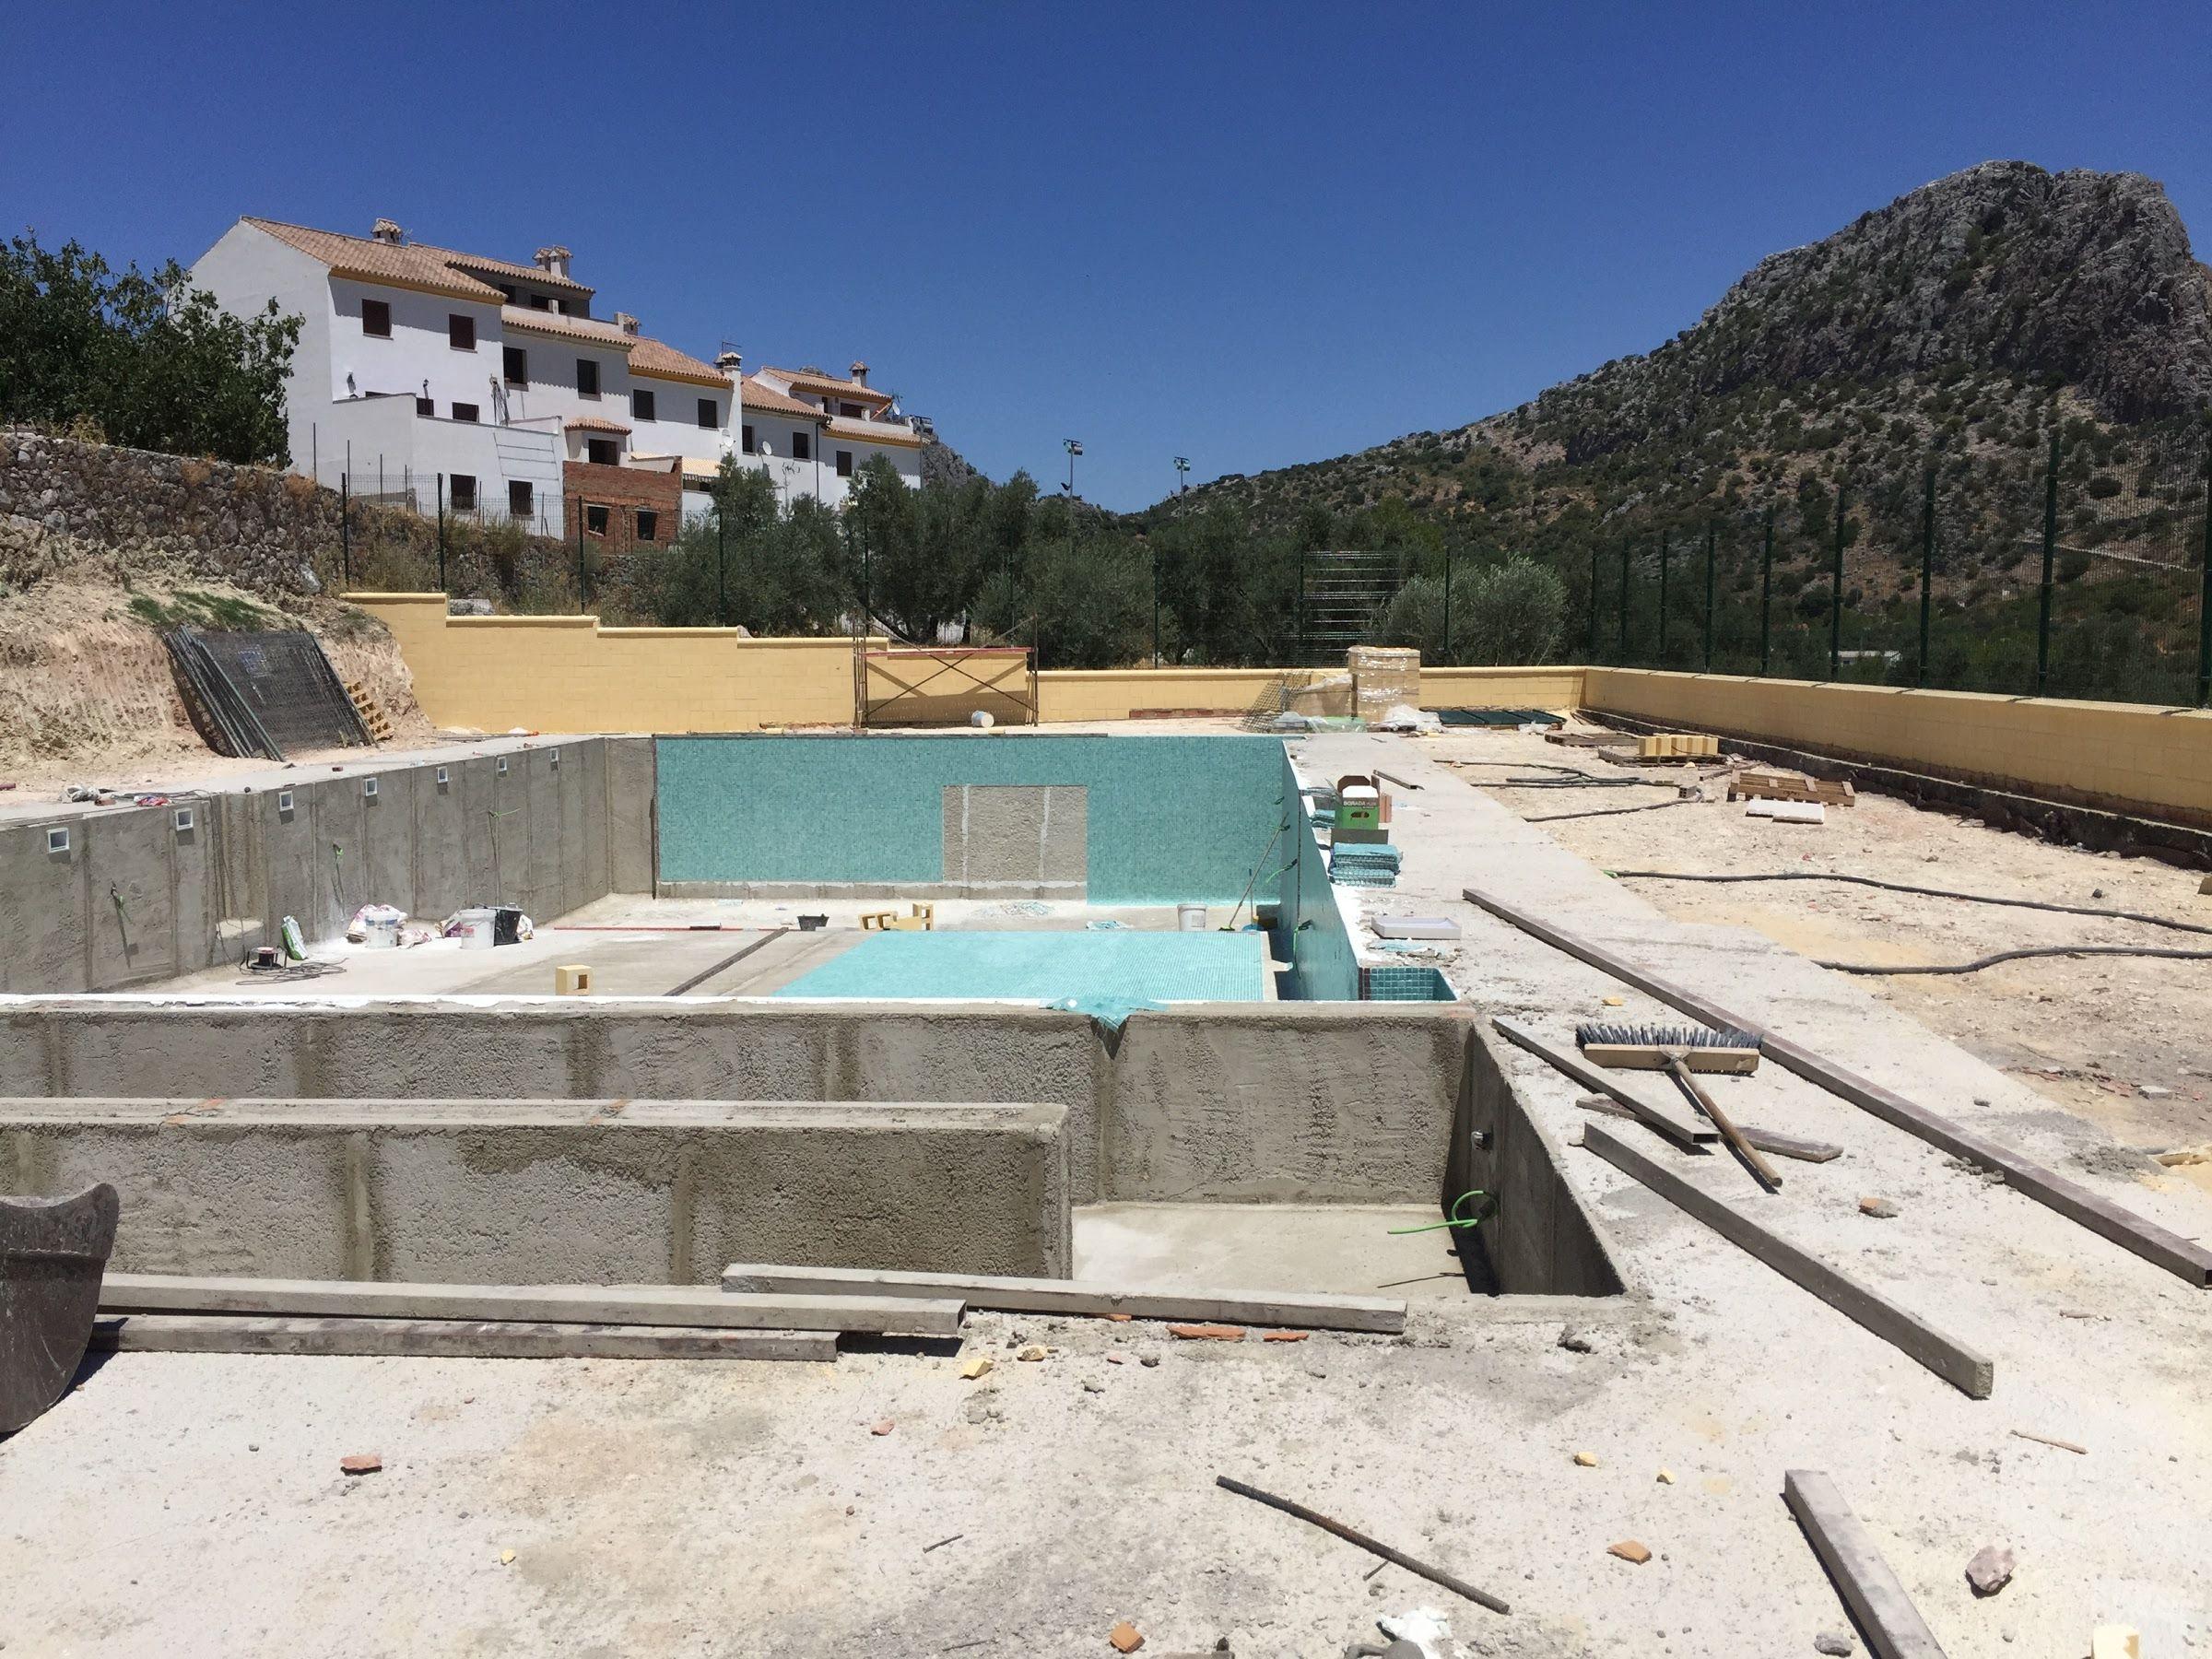 Foto 17 de Empresas de construcción en Ronda | ASG Construcciones Innovadoras Sostenibles